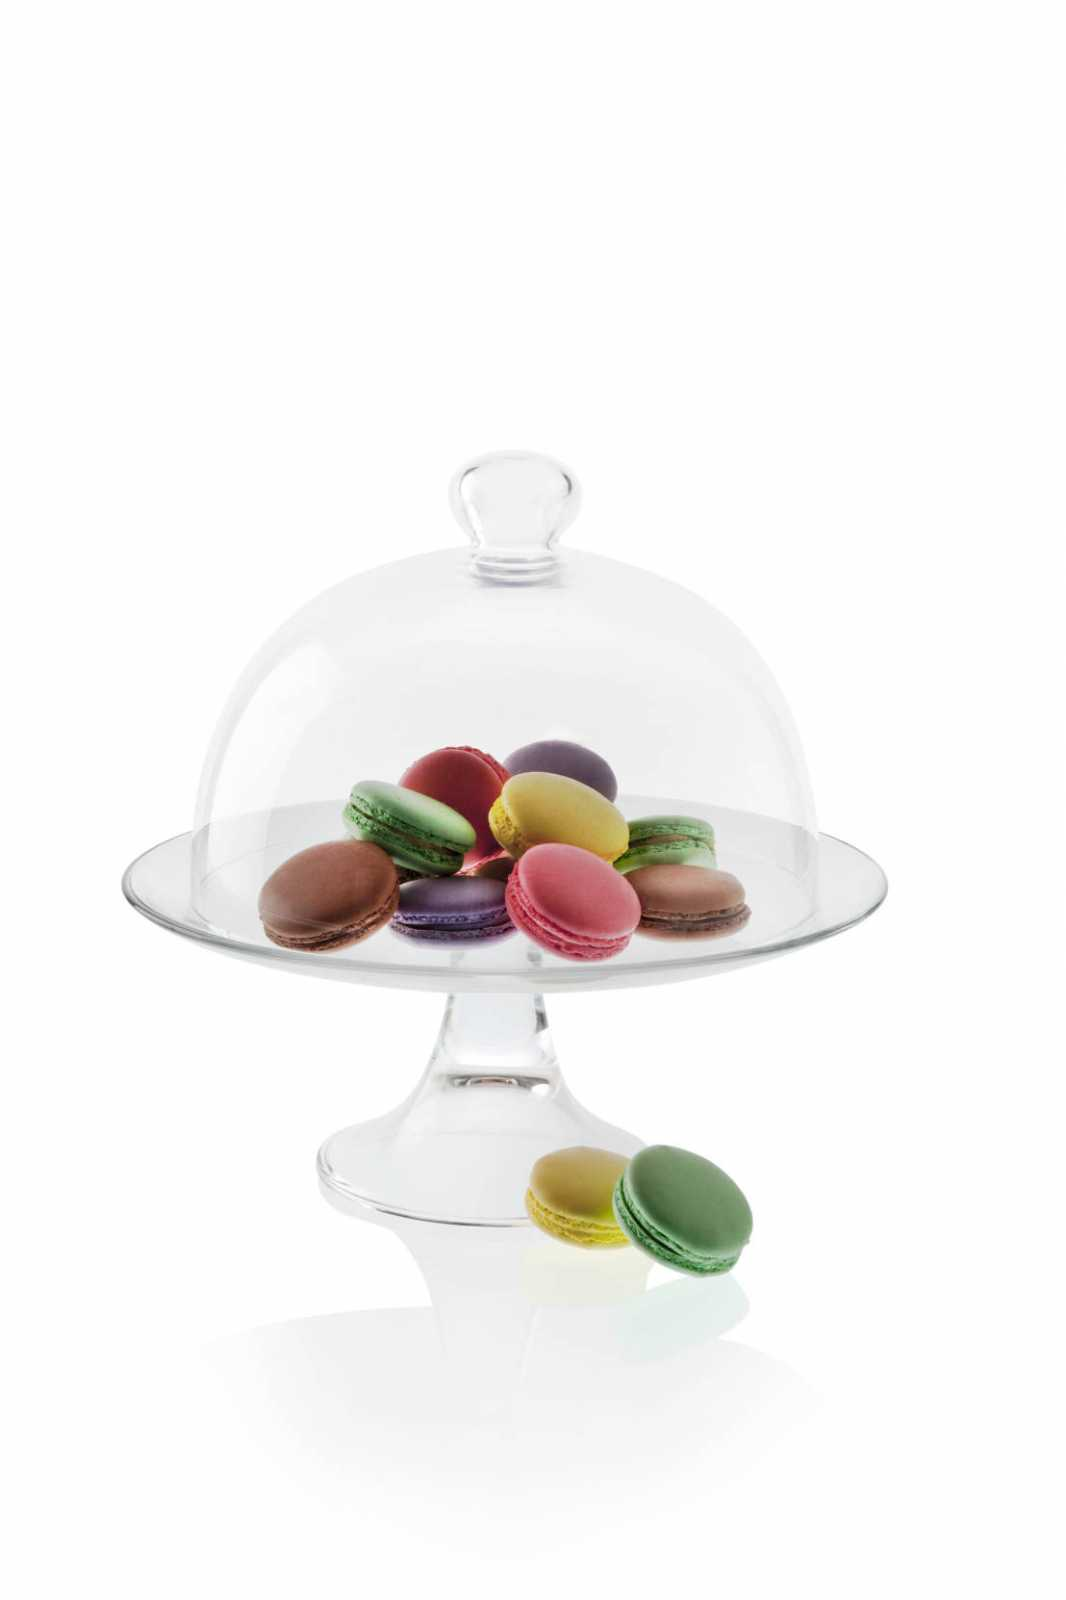 Подставка для торта с крышкой Vidivi BANQUET, диаметр 28 см, прозрачный Vidivi 67477M фото 0